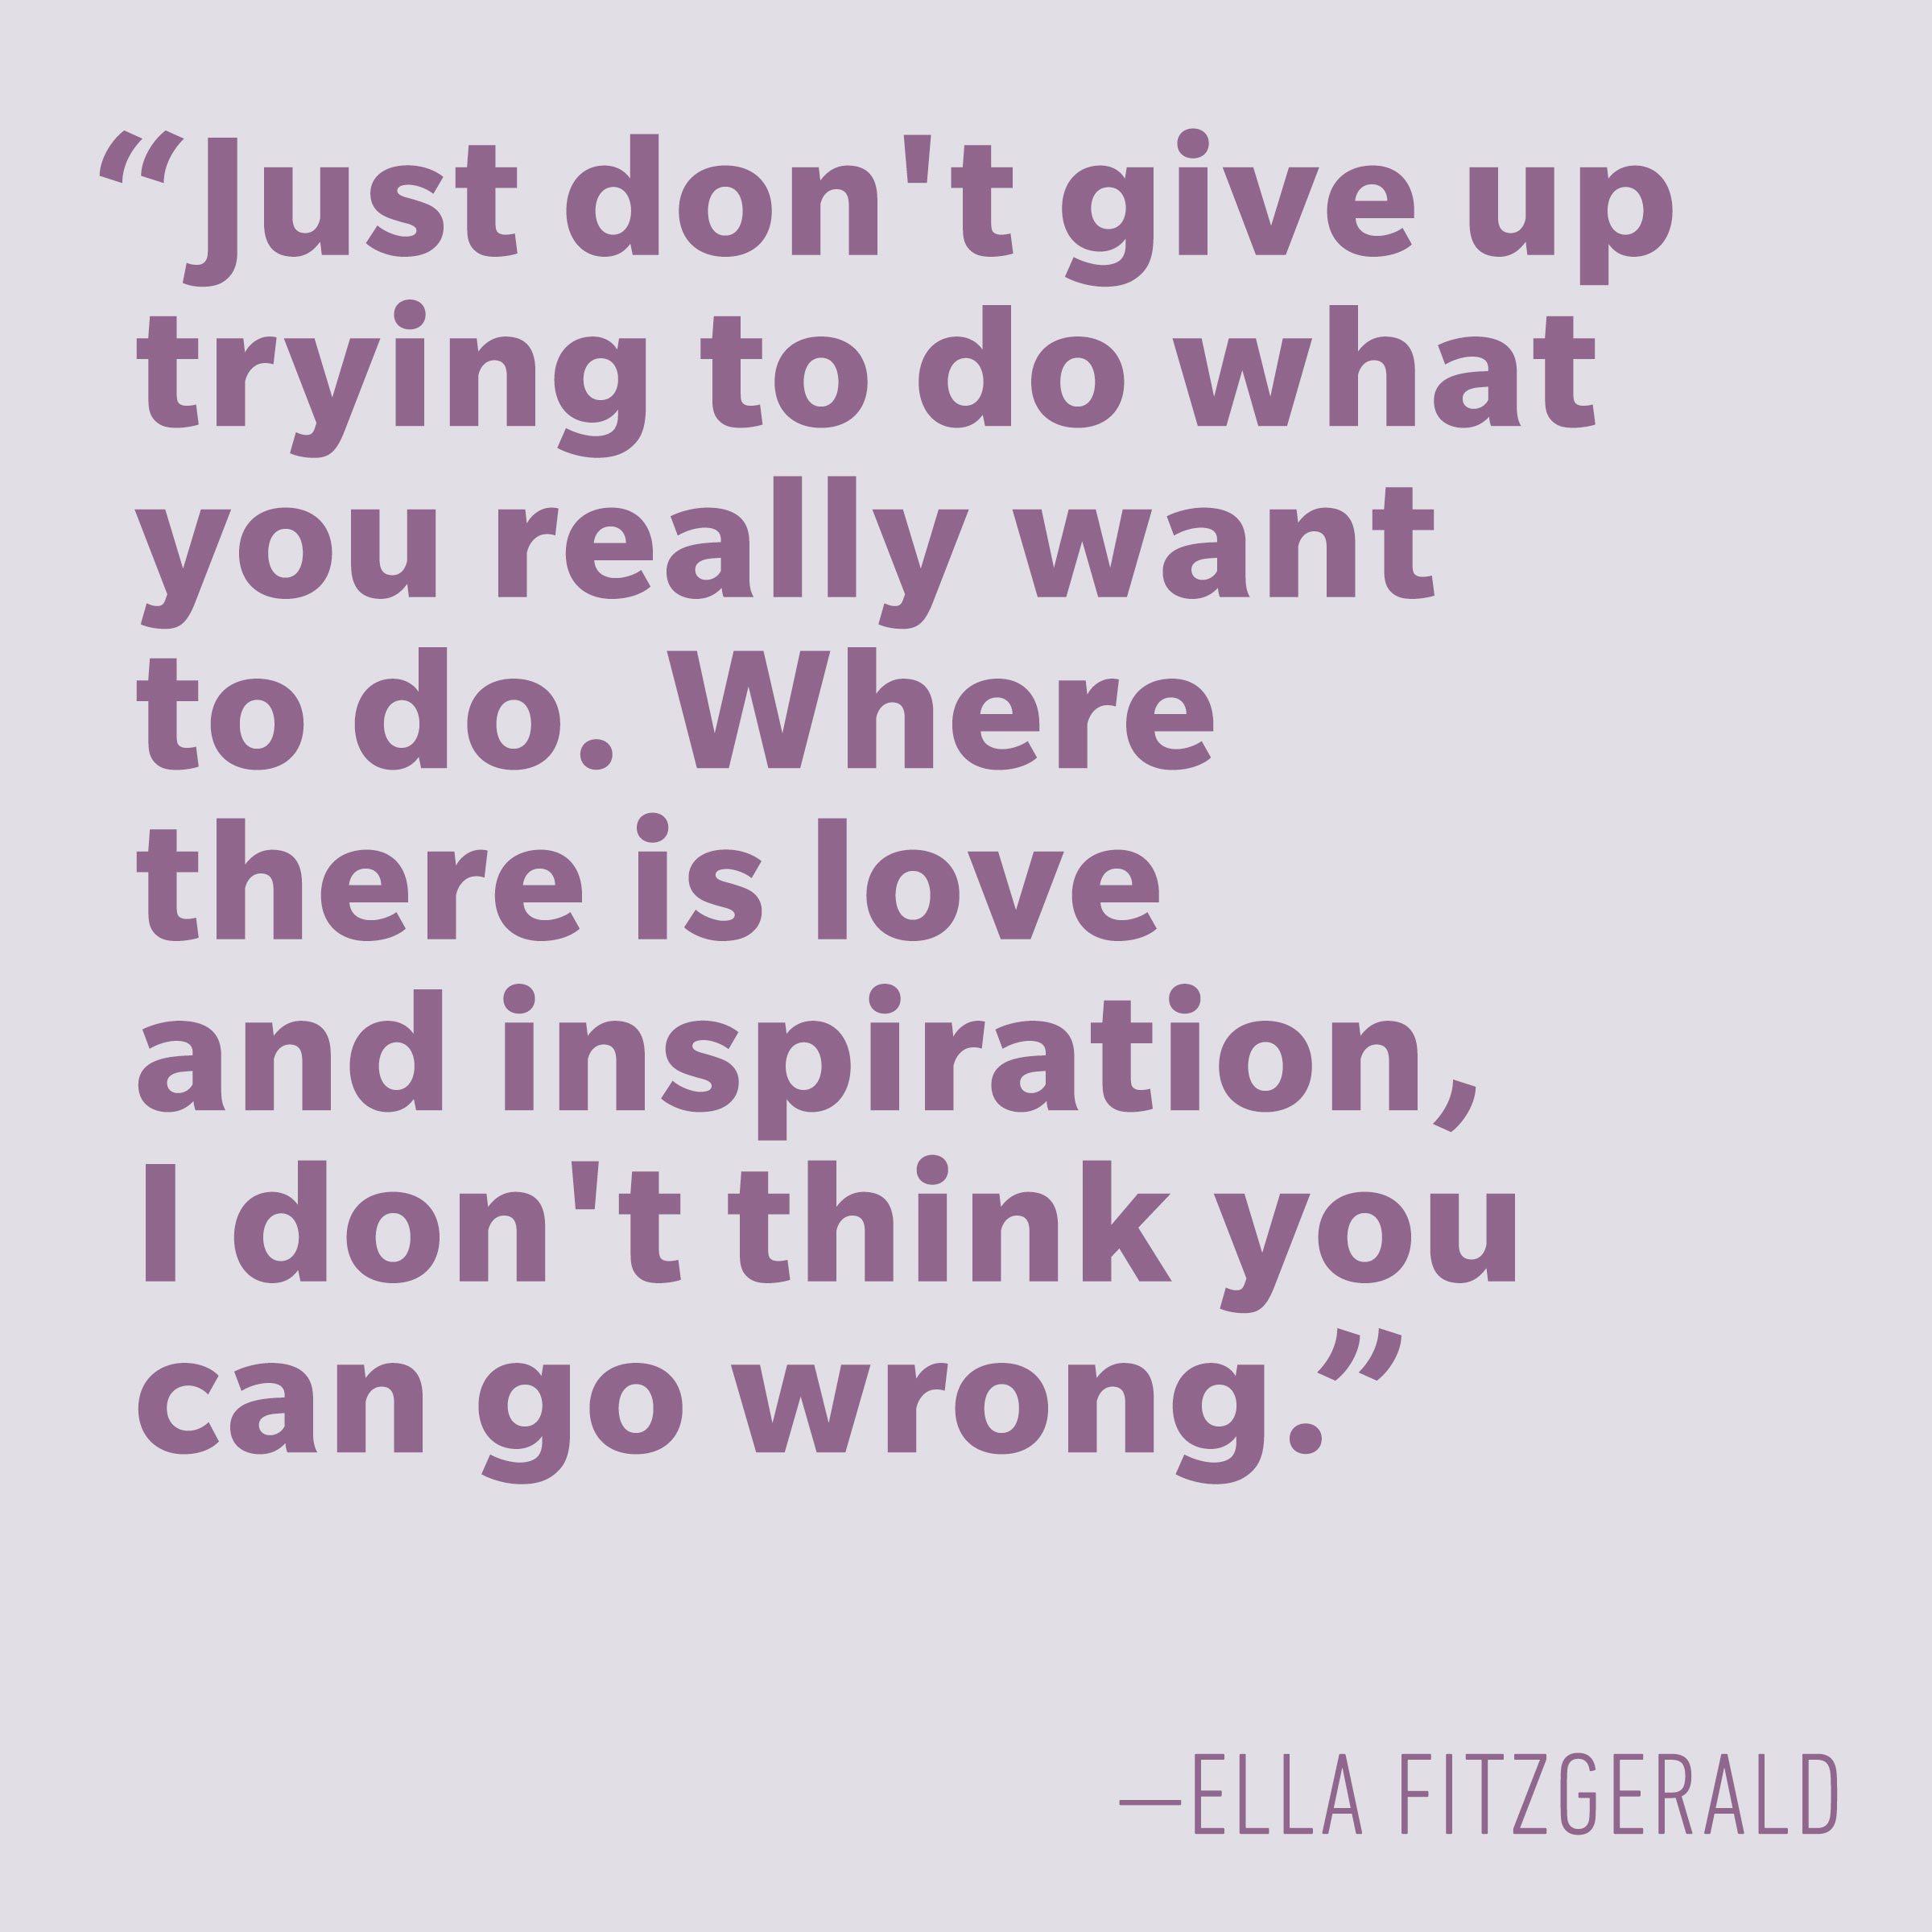 Motivational quotes - Ella Fitzgerald